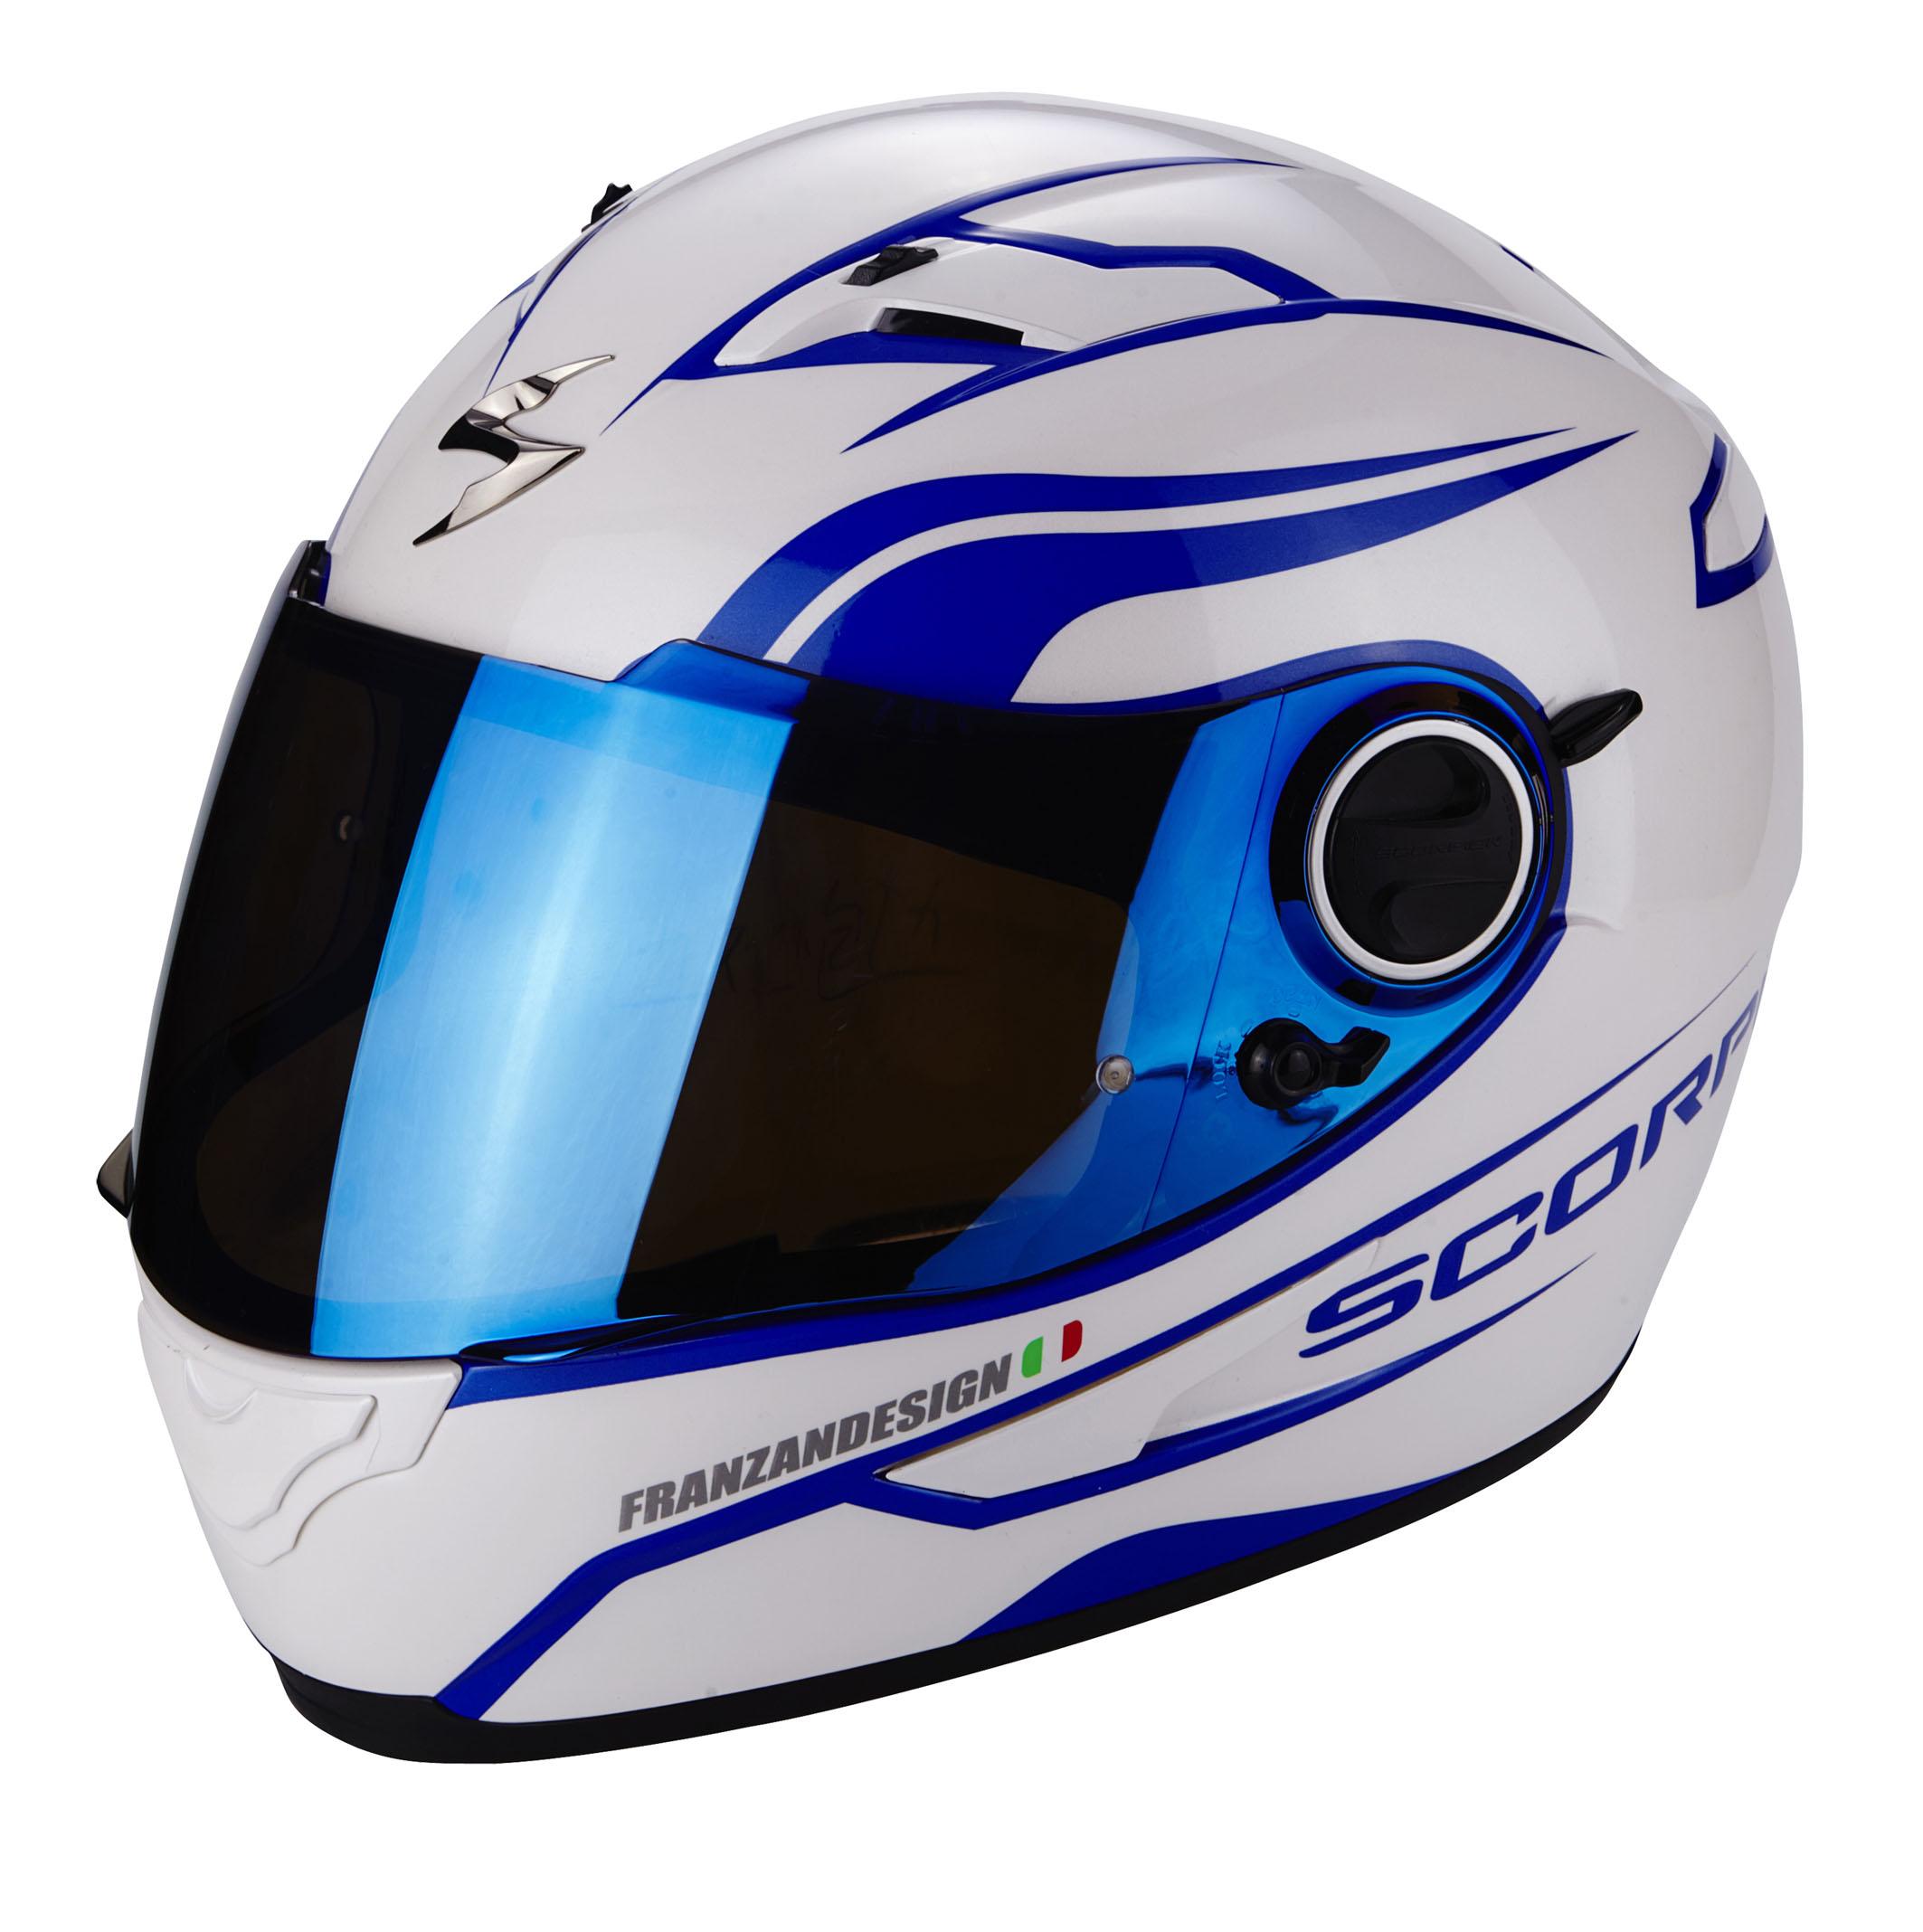 EXO-490 LUZ white blue (4)